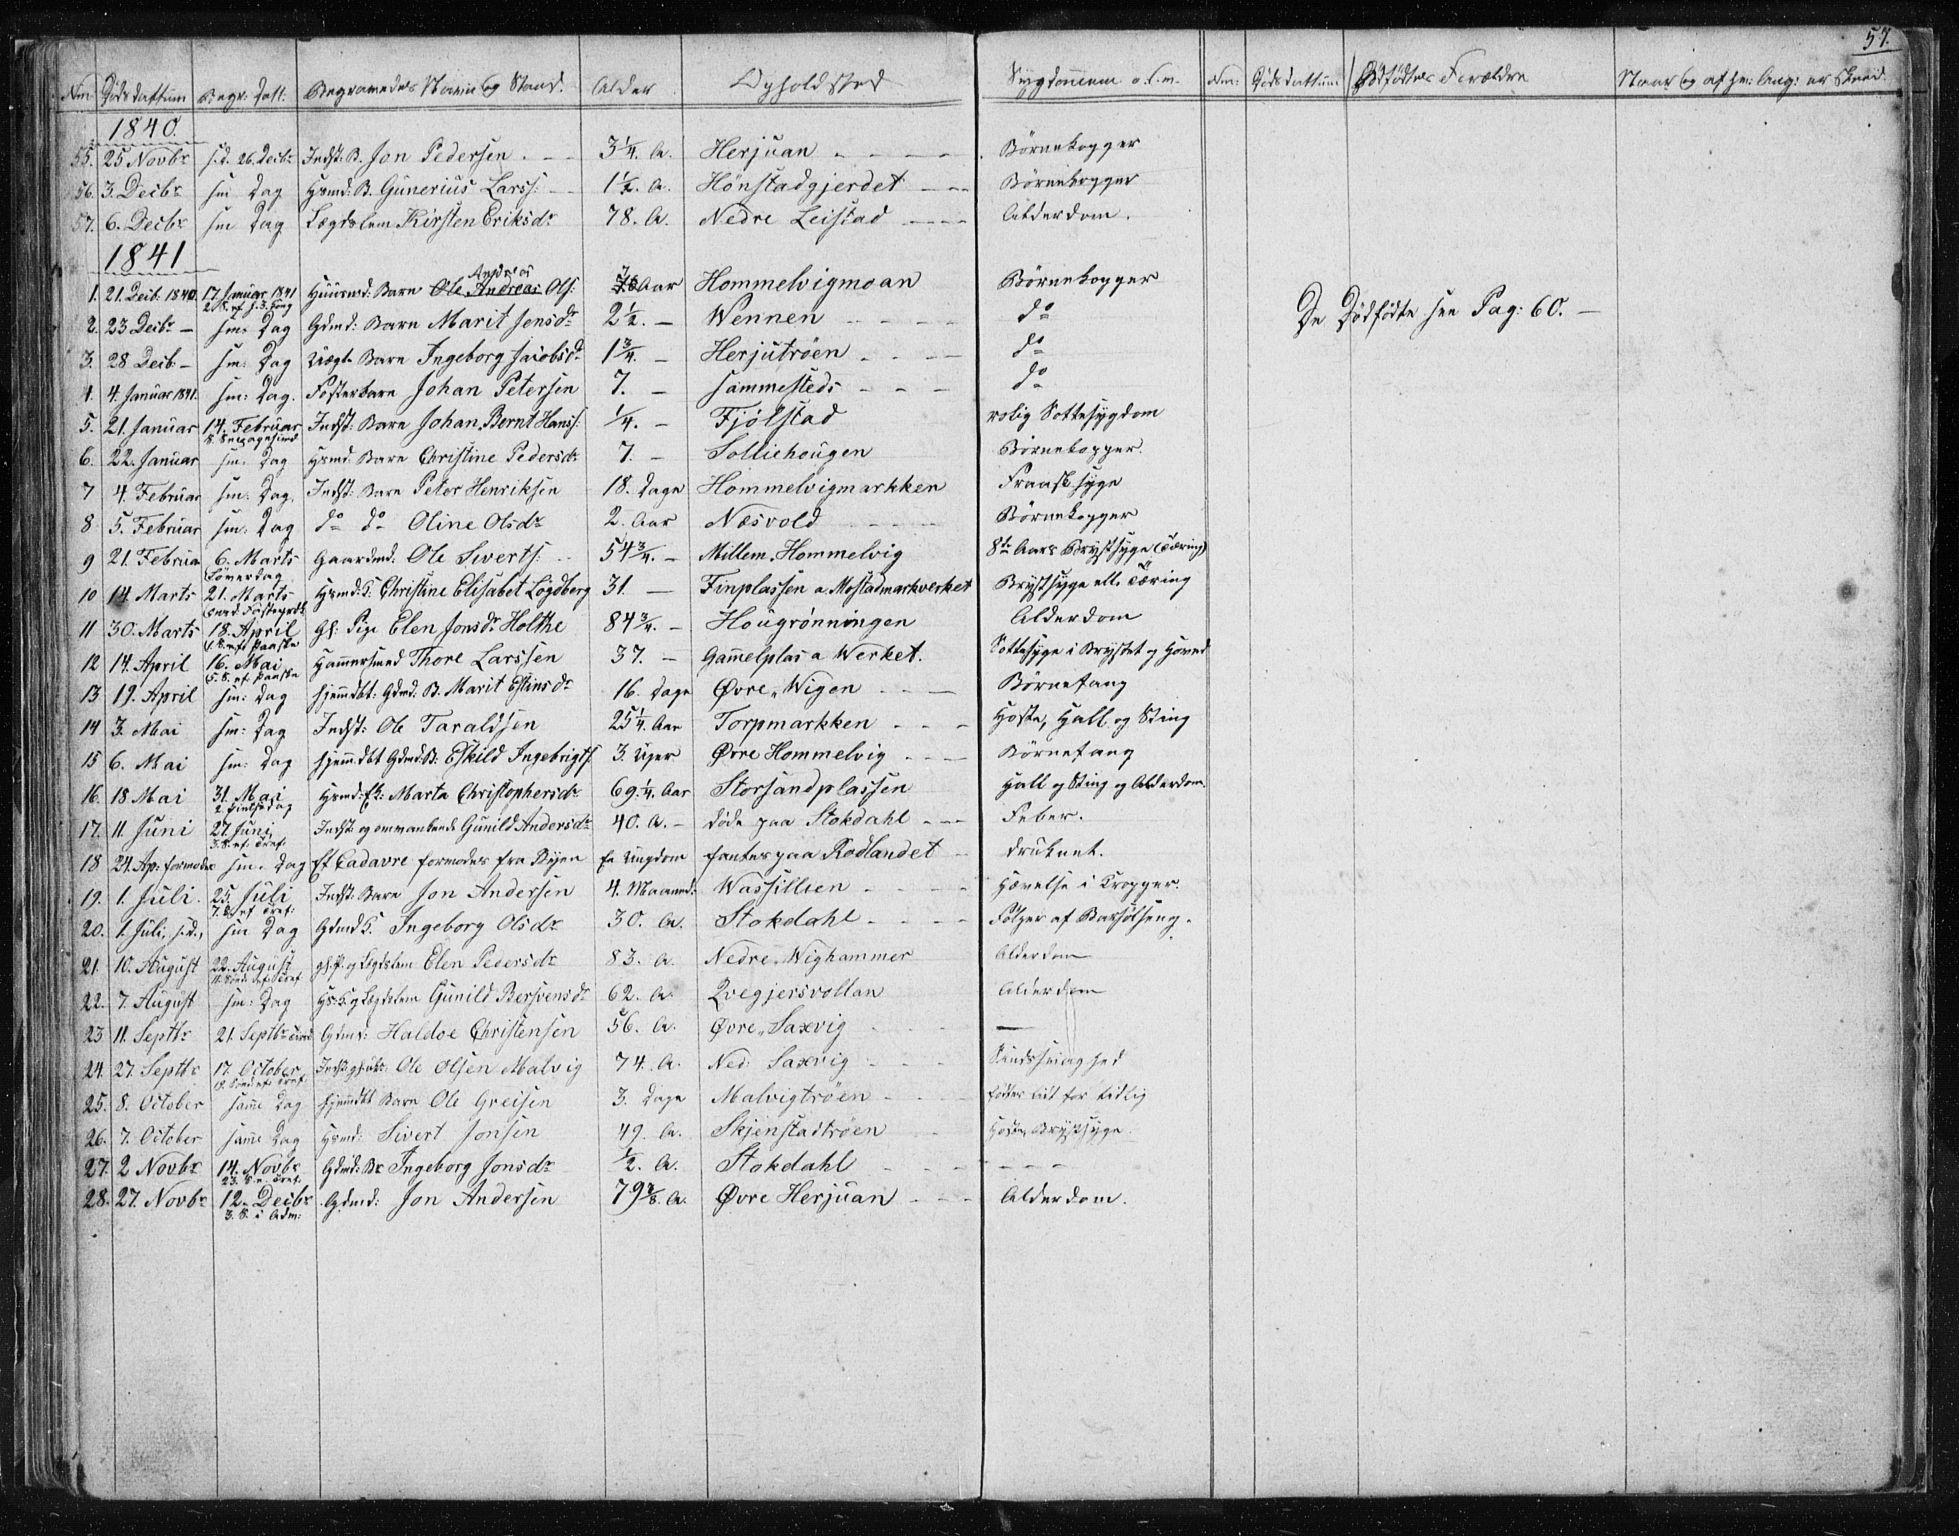 SAT, Ministerialprotokoller, klokkerbøker og fødselsregistre - Sør-Trøndelag, 616/L0405: Ministerialbok nr. 616A02, 1831-1842, s. 57